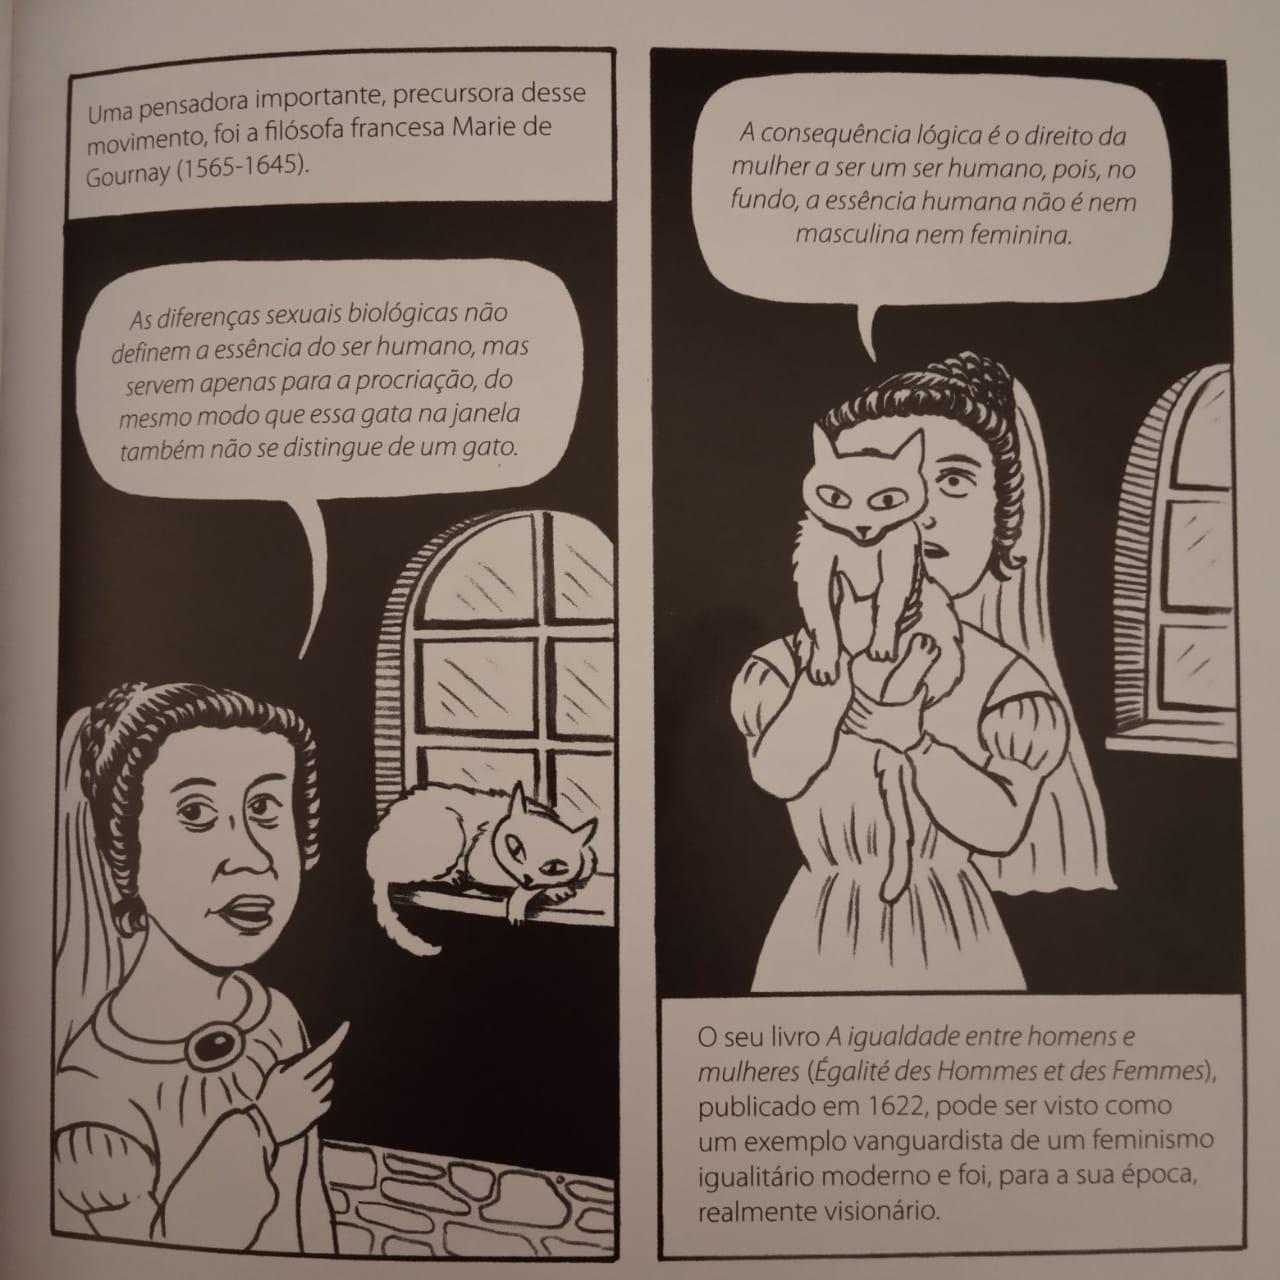 Uma breve história do feminismo no contexto euro-americano